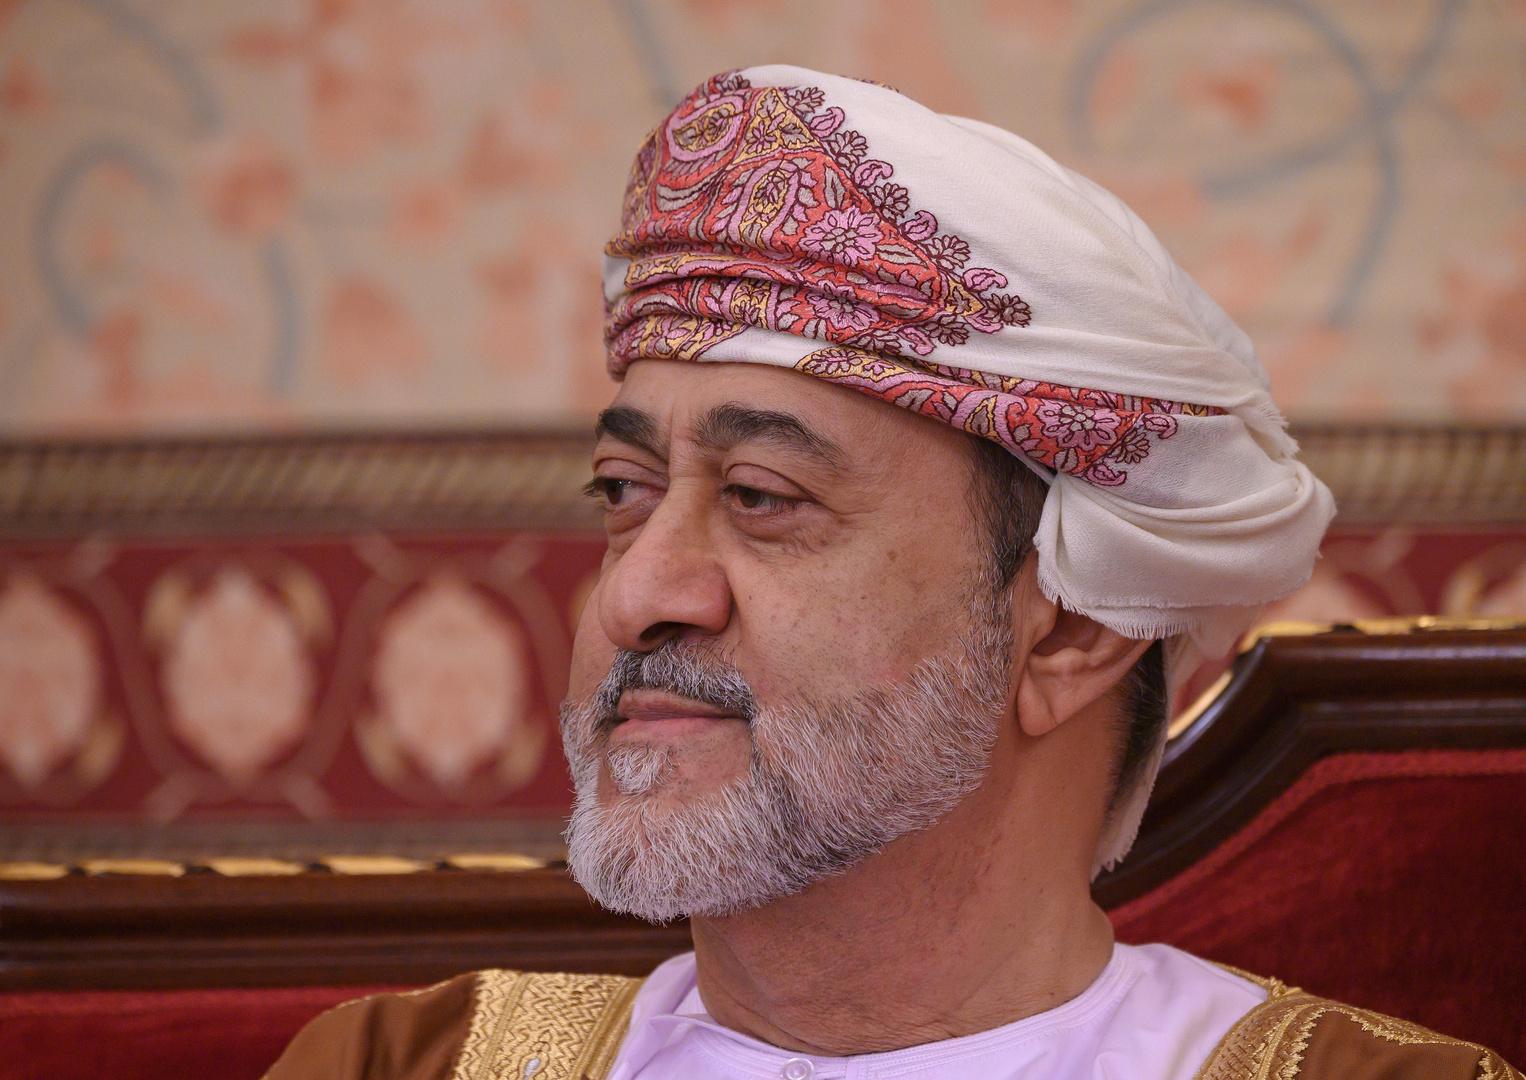 سلطان عمان يصدر مرسومين جديدين حول السلطة وانتقالها في البلاد